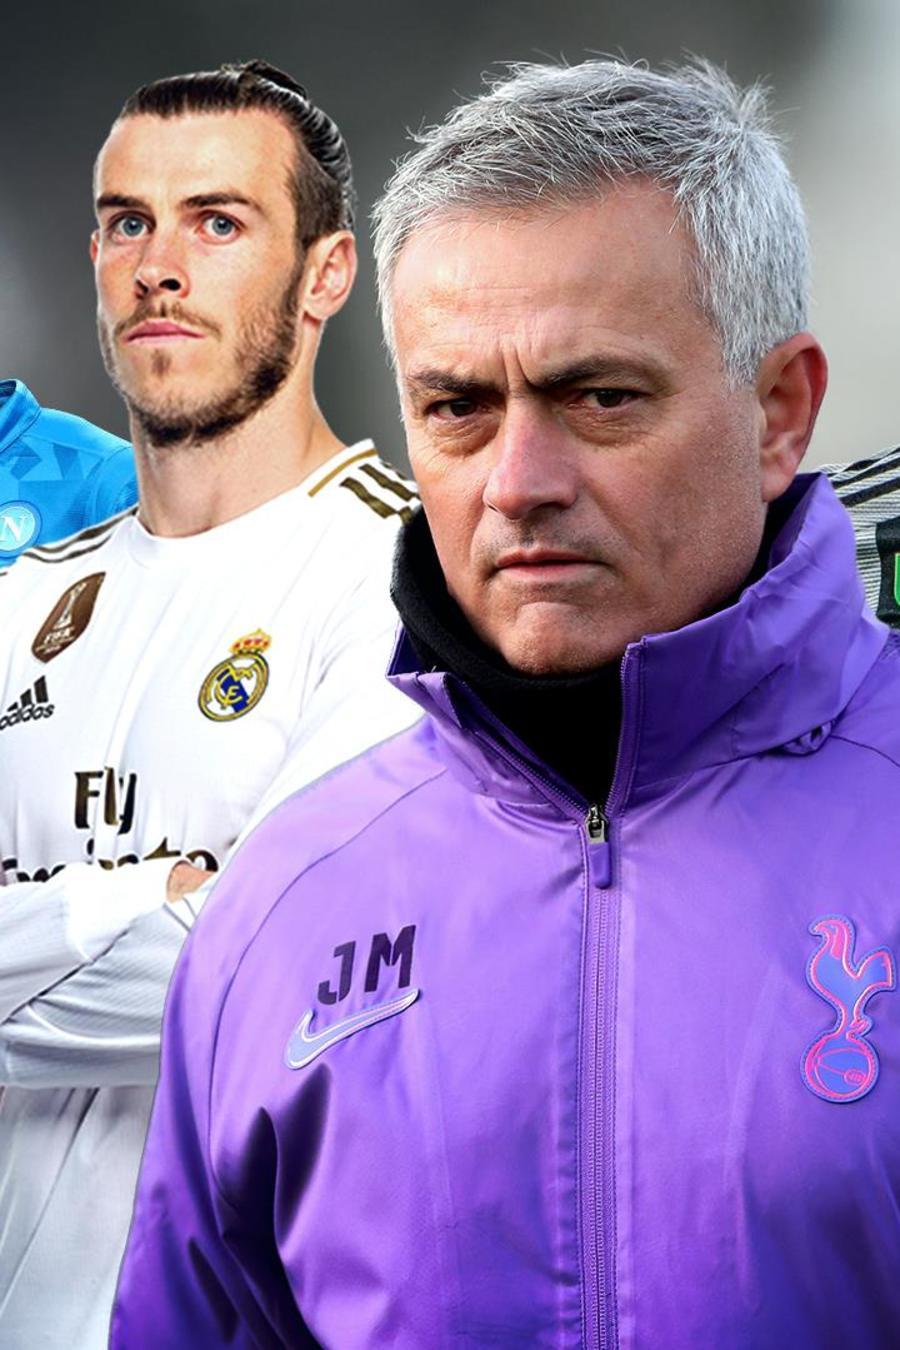 José Mourinho, Gareth Bale, Paulo Dybala y otros futbolistas